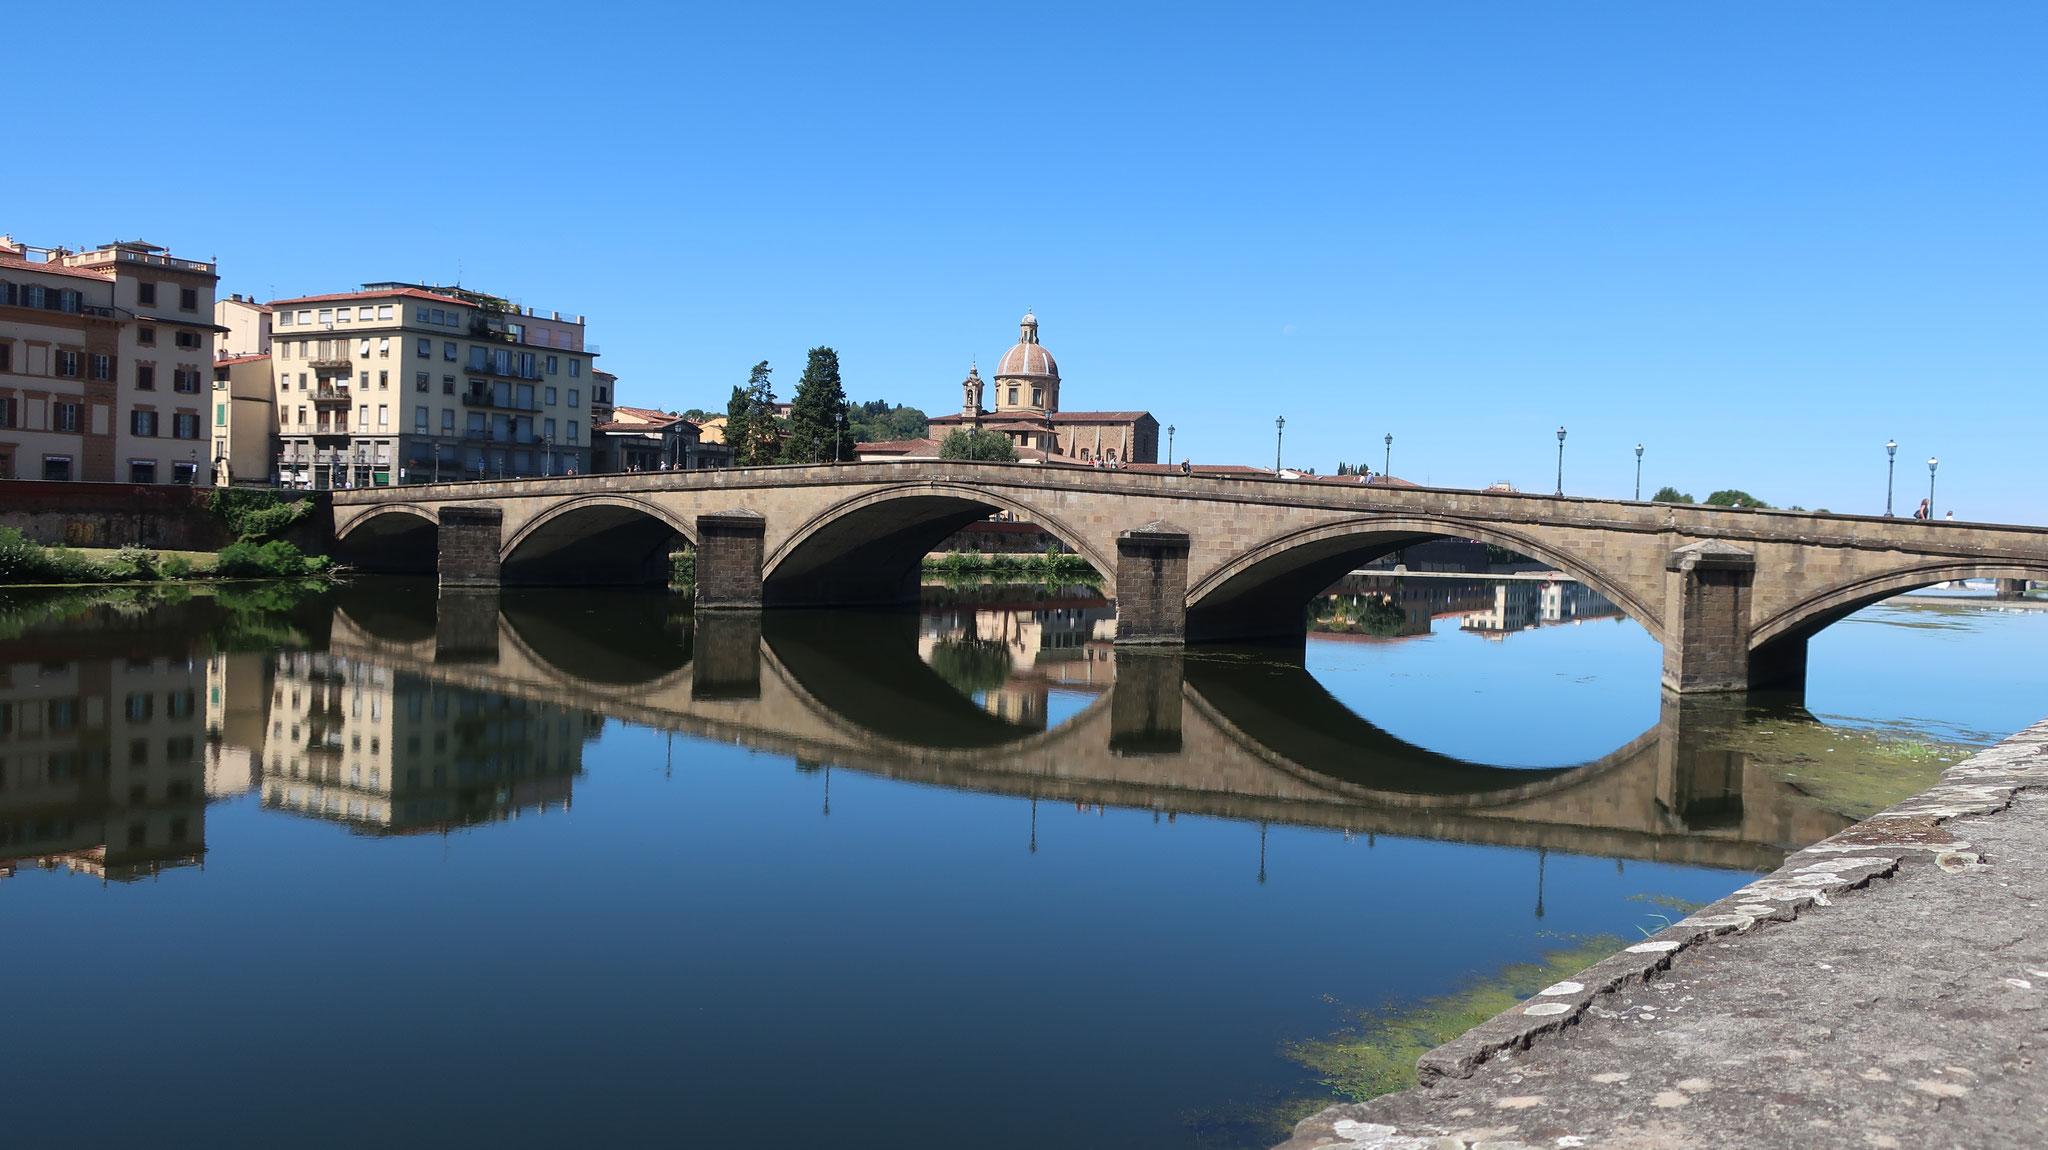 アルノ川に架かるカッライア橋(「馬車が通行可能な」橋)。橋の中央に向かって傾斜が大き過ぎるという理由で、フィレンツェ市民の評判は悪く、あだ名は「せむしの橋」。